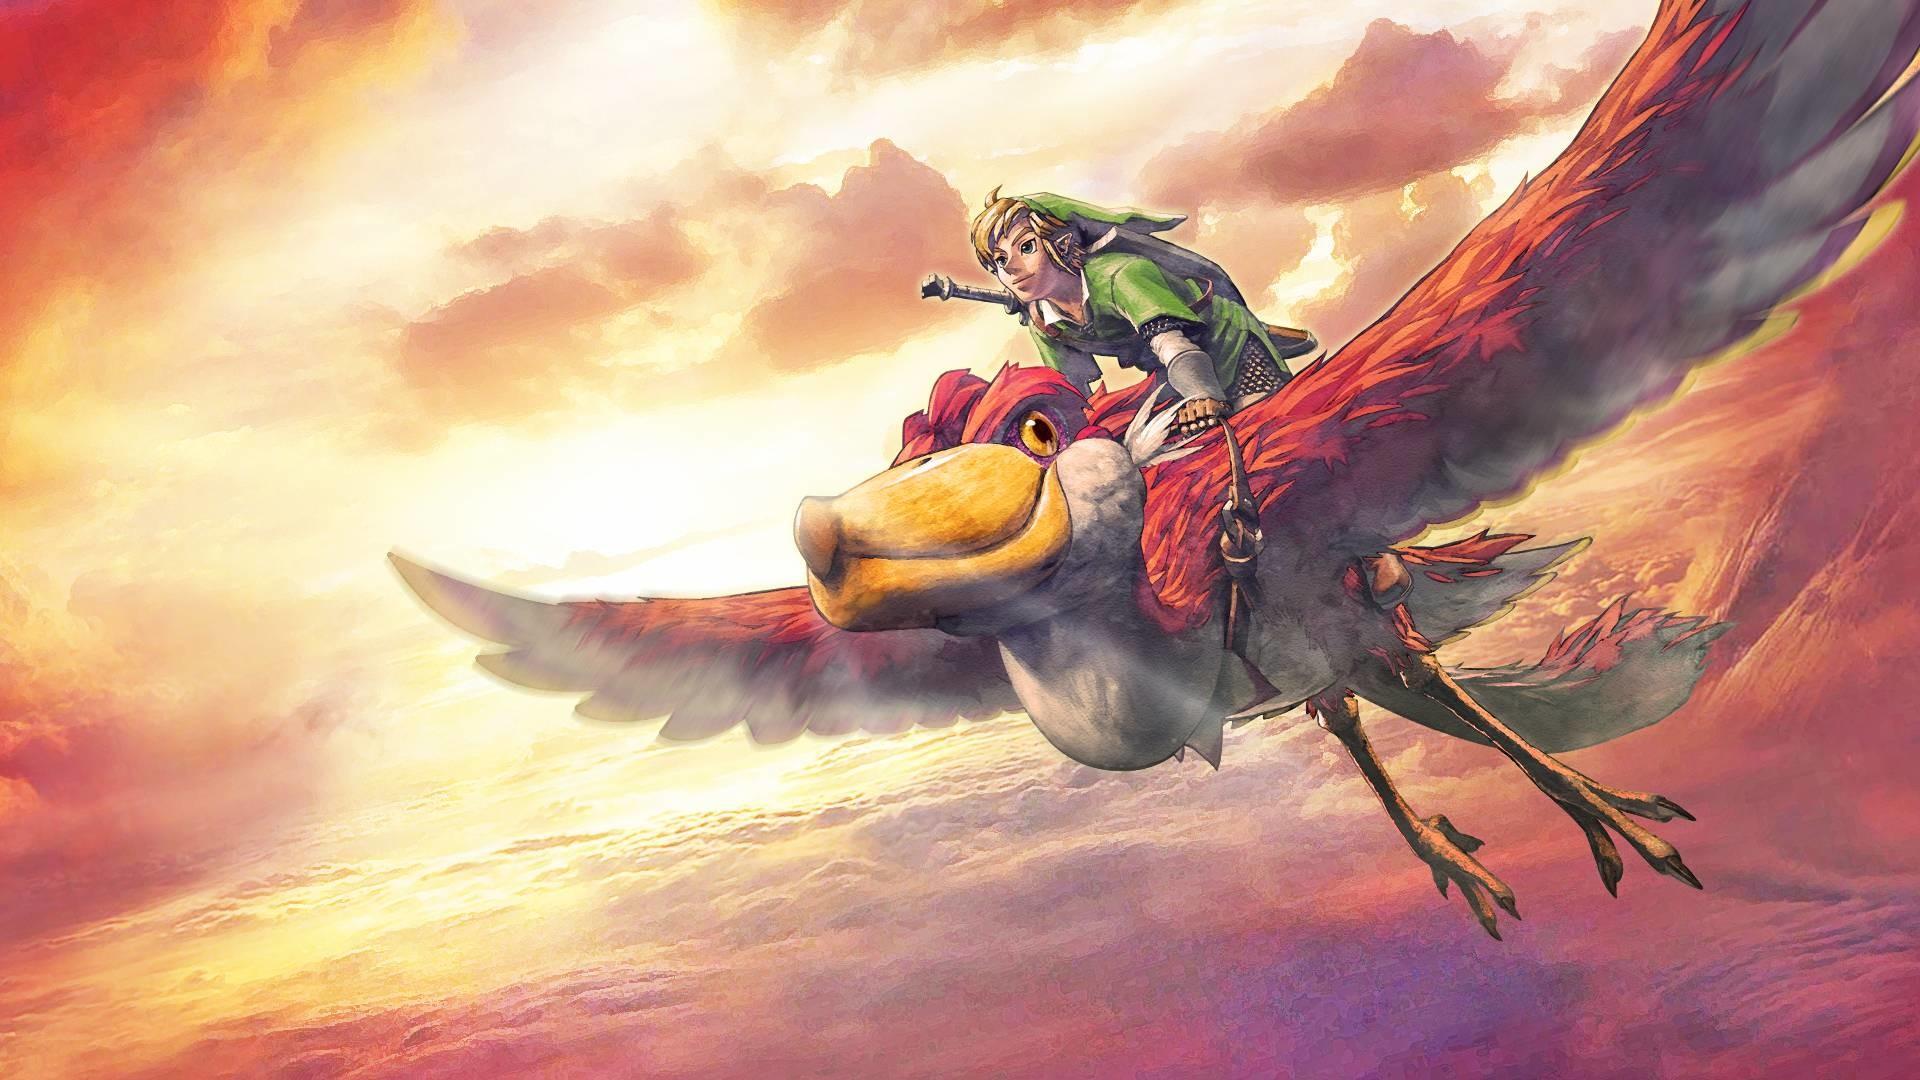 33 The Legend Of Zelda: Skyward Sword Wallpapers   The Legend Of ..